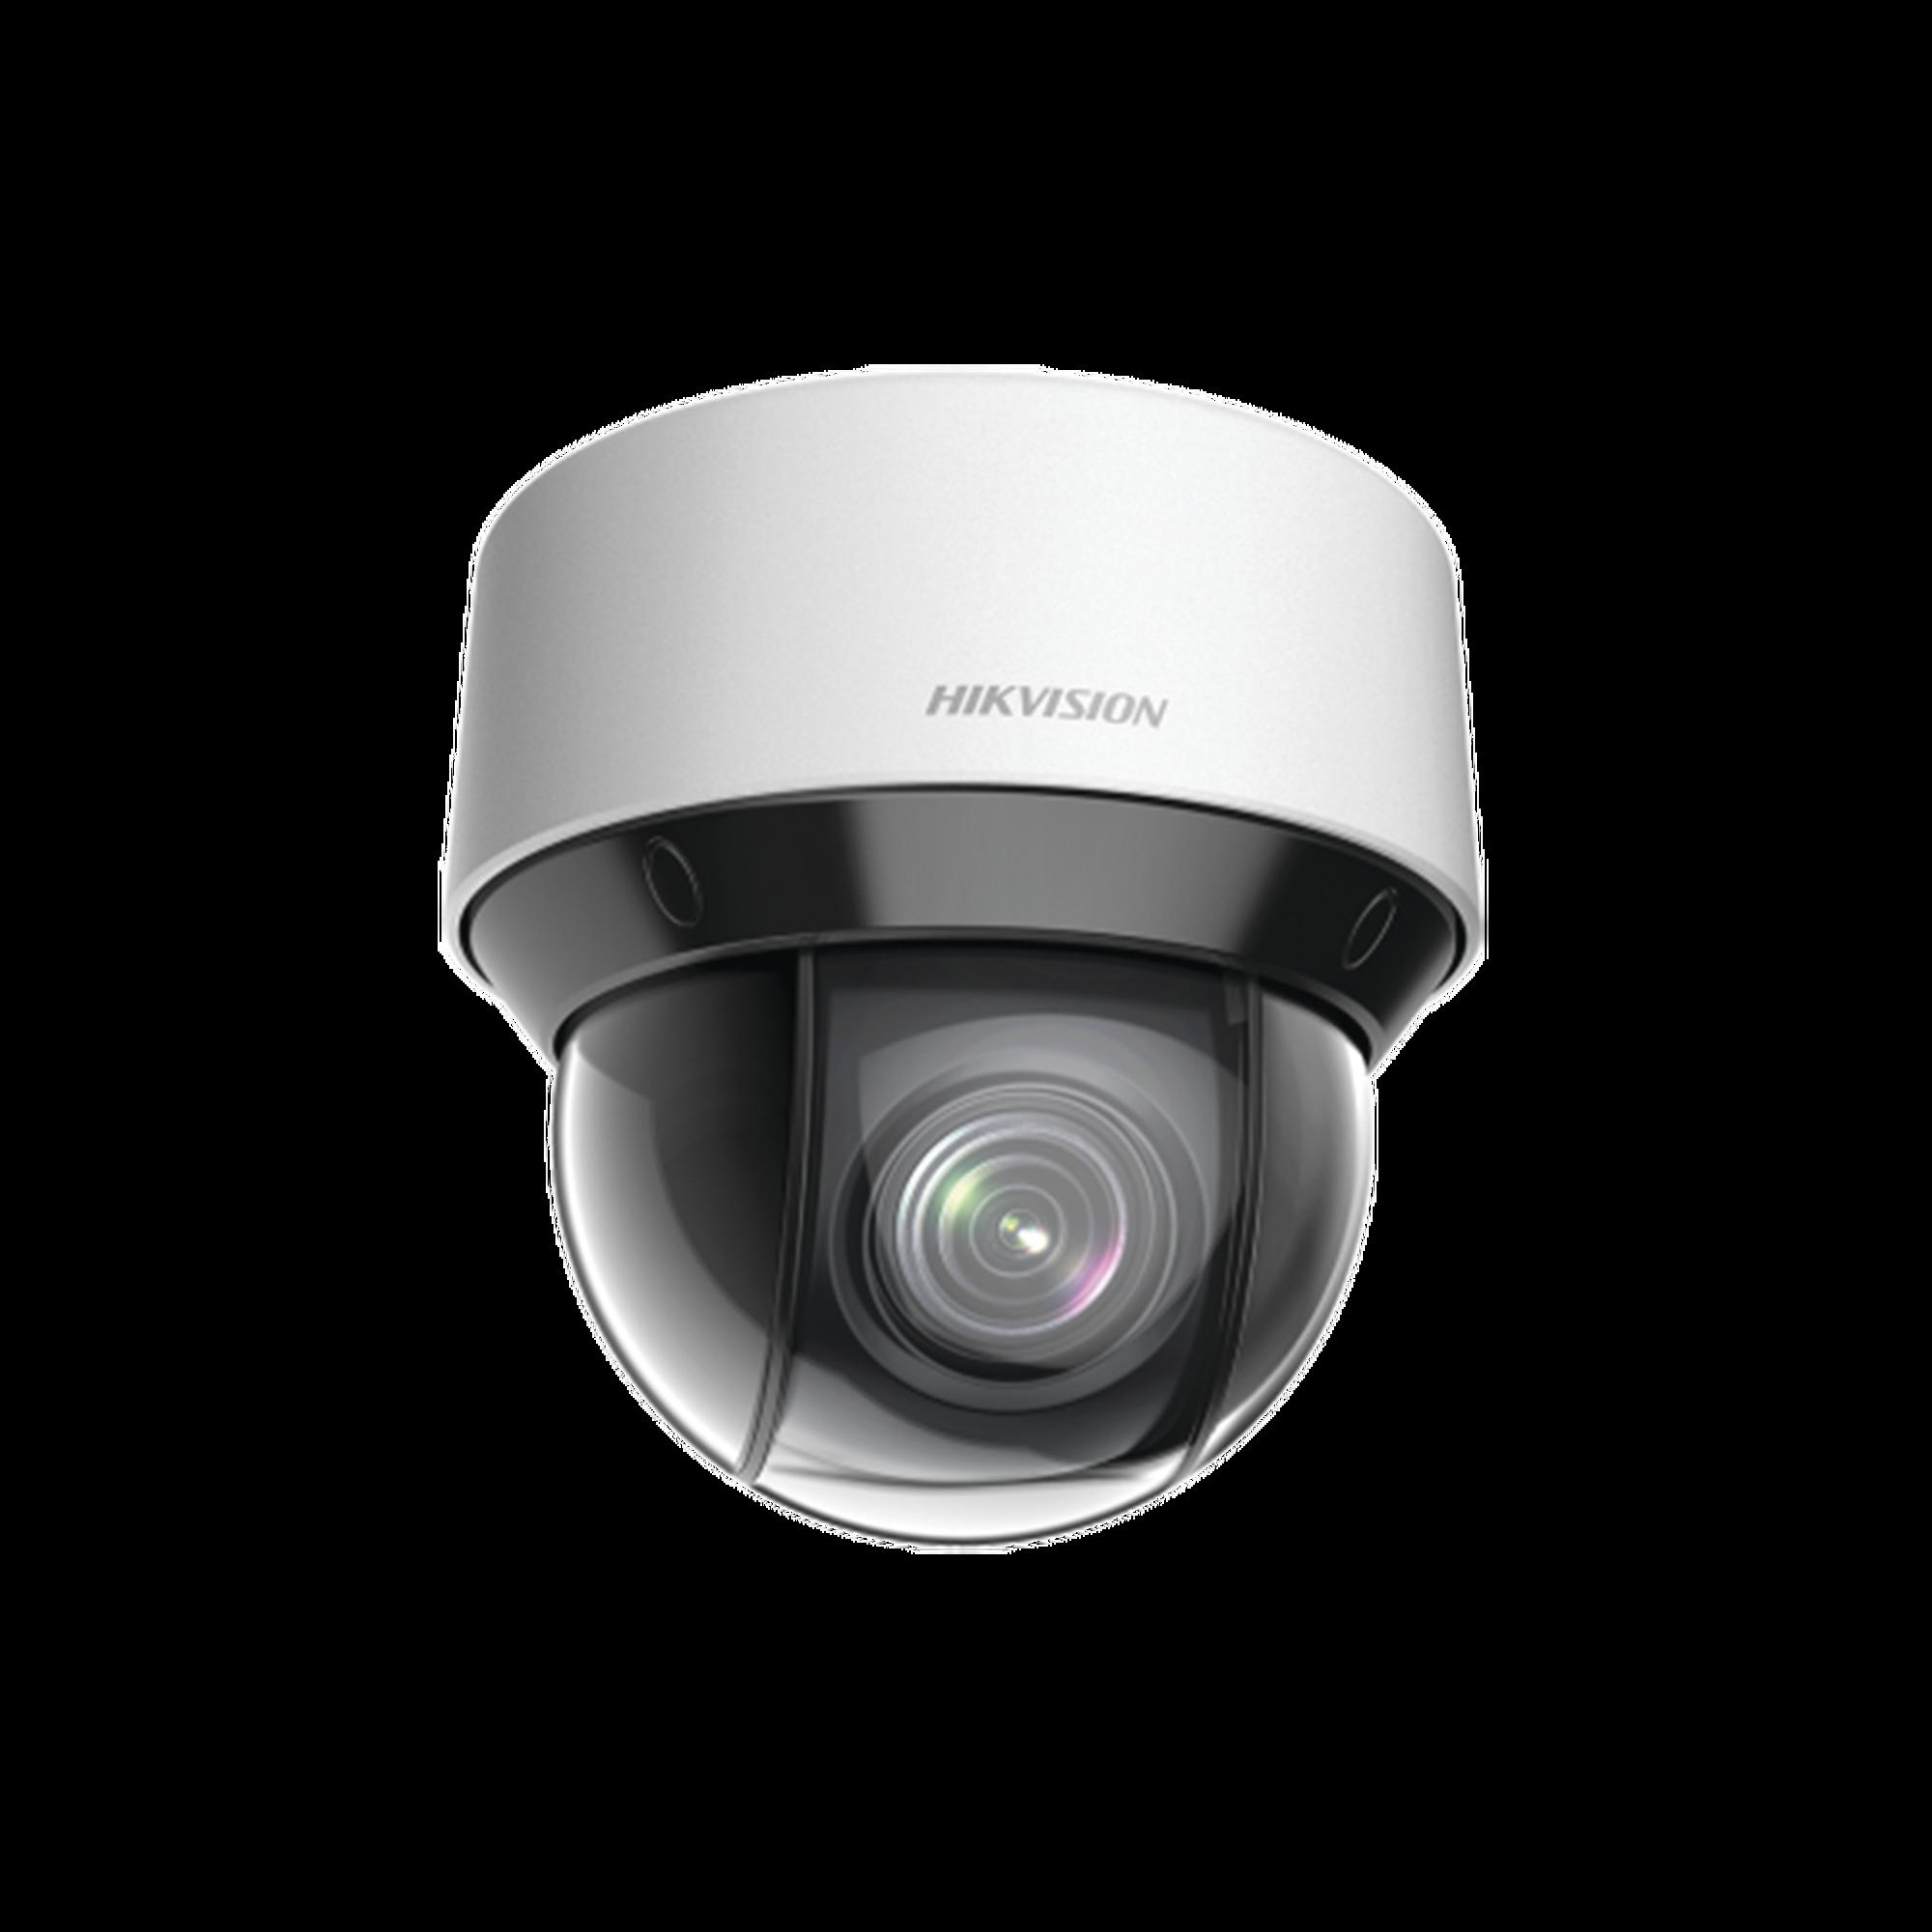 Mini Domo IP PTZ 2 Megapixel / 15X Zoom / 50 mts Luz Infrarroja Inteligente (Visión Nocturna) / Autoseguimiento / WDR 120 dB / PoE+ / IP66 / Ultra Baja Iluminación